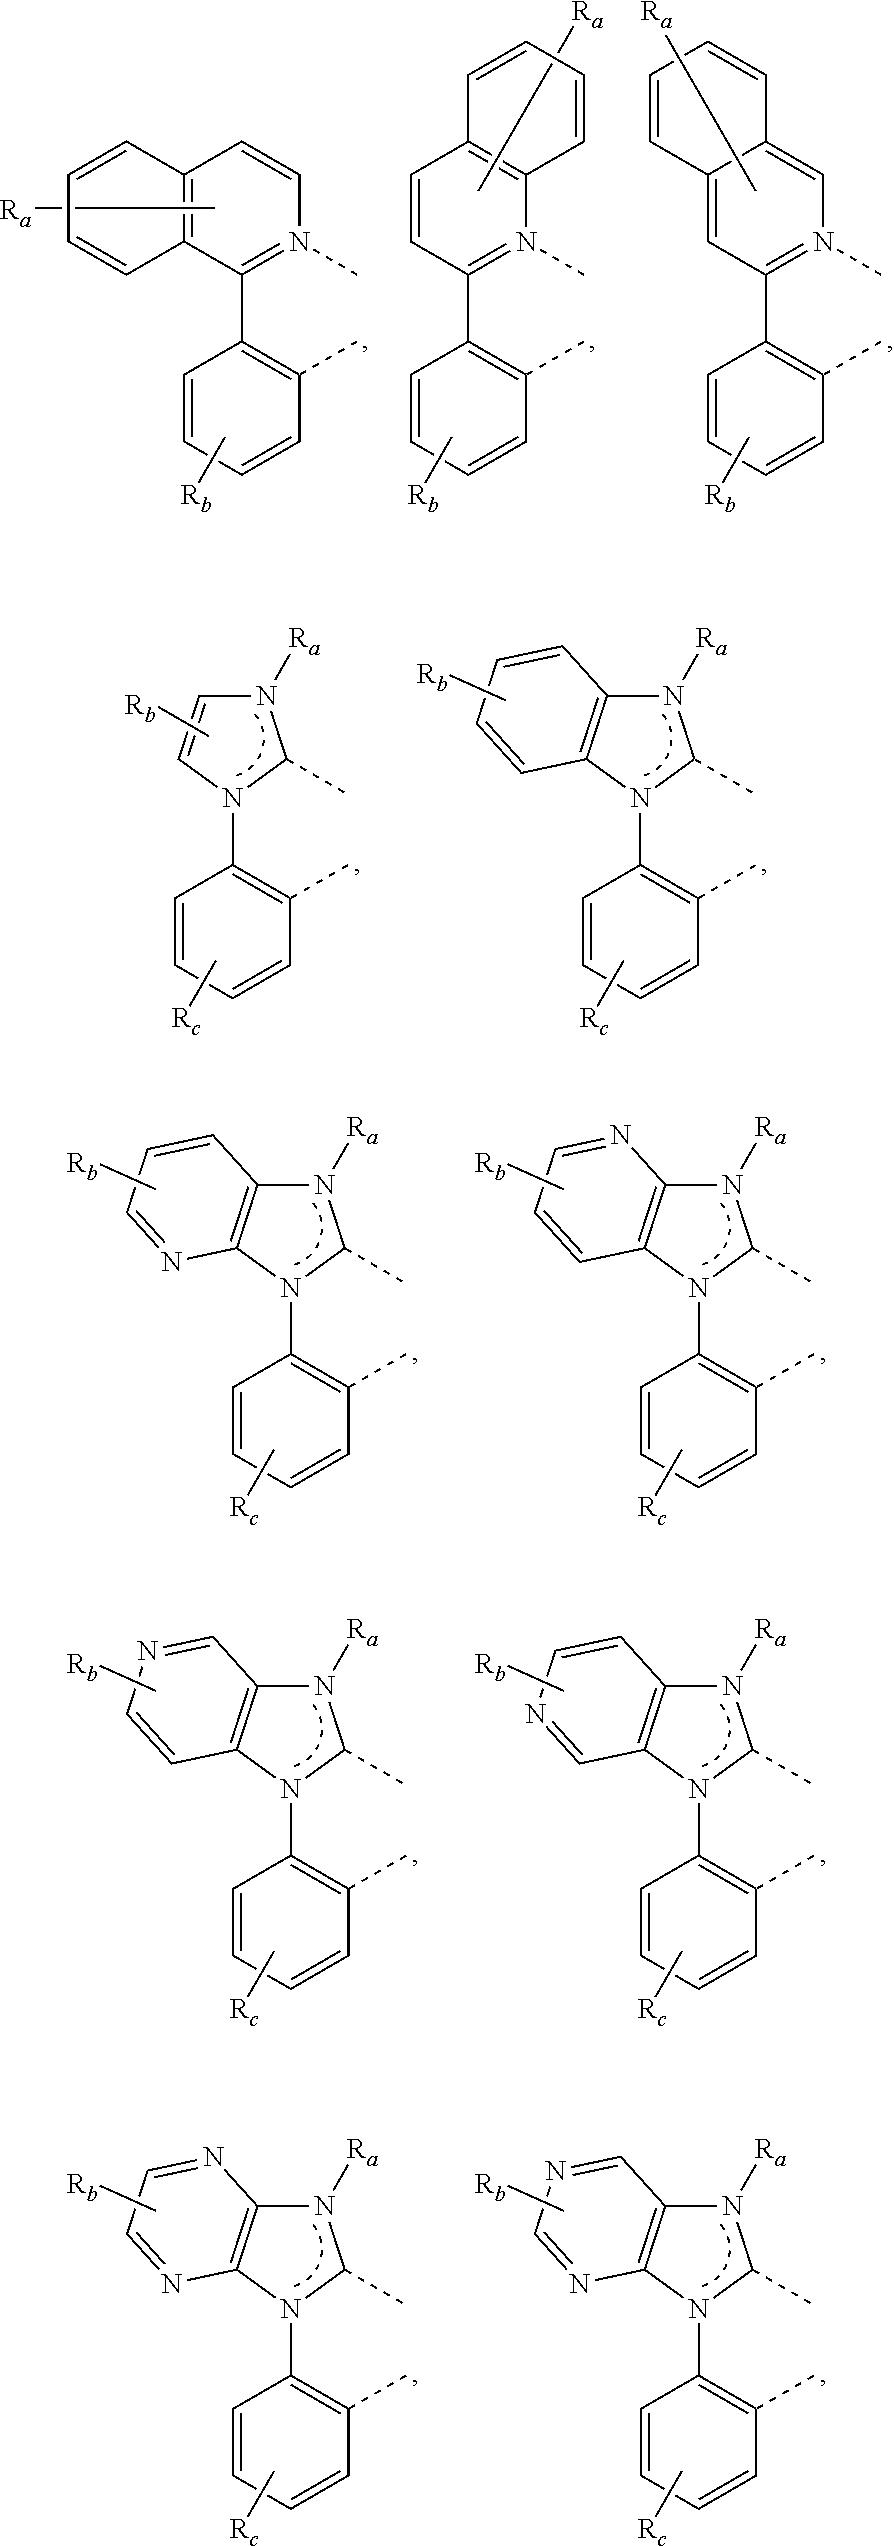 Figure US09224958-20151229-C00017